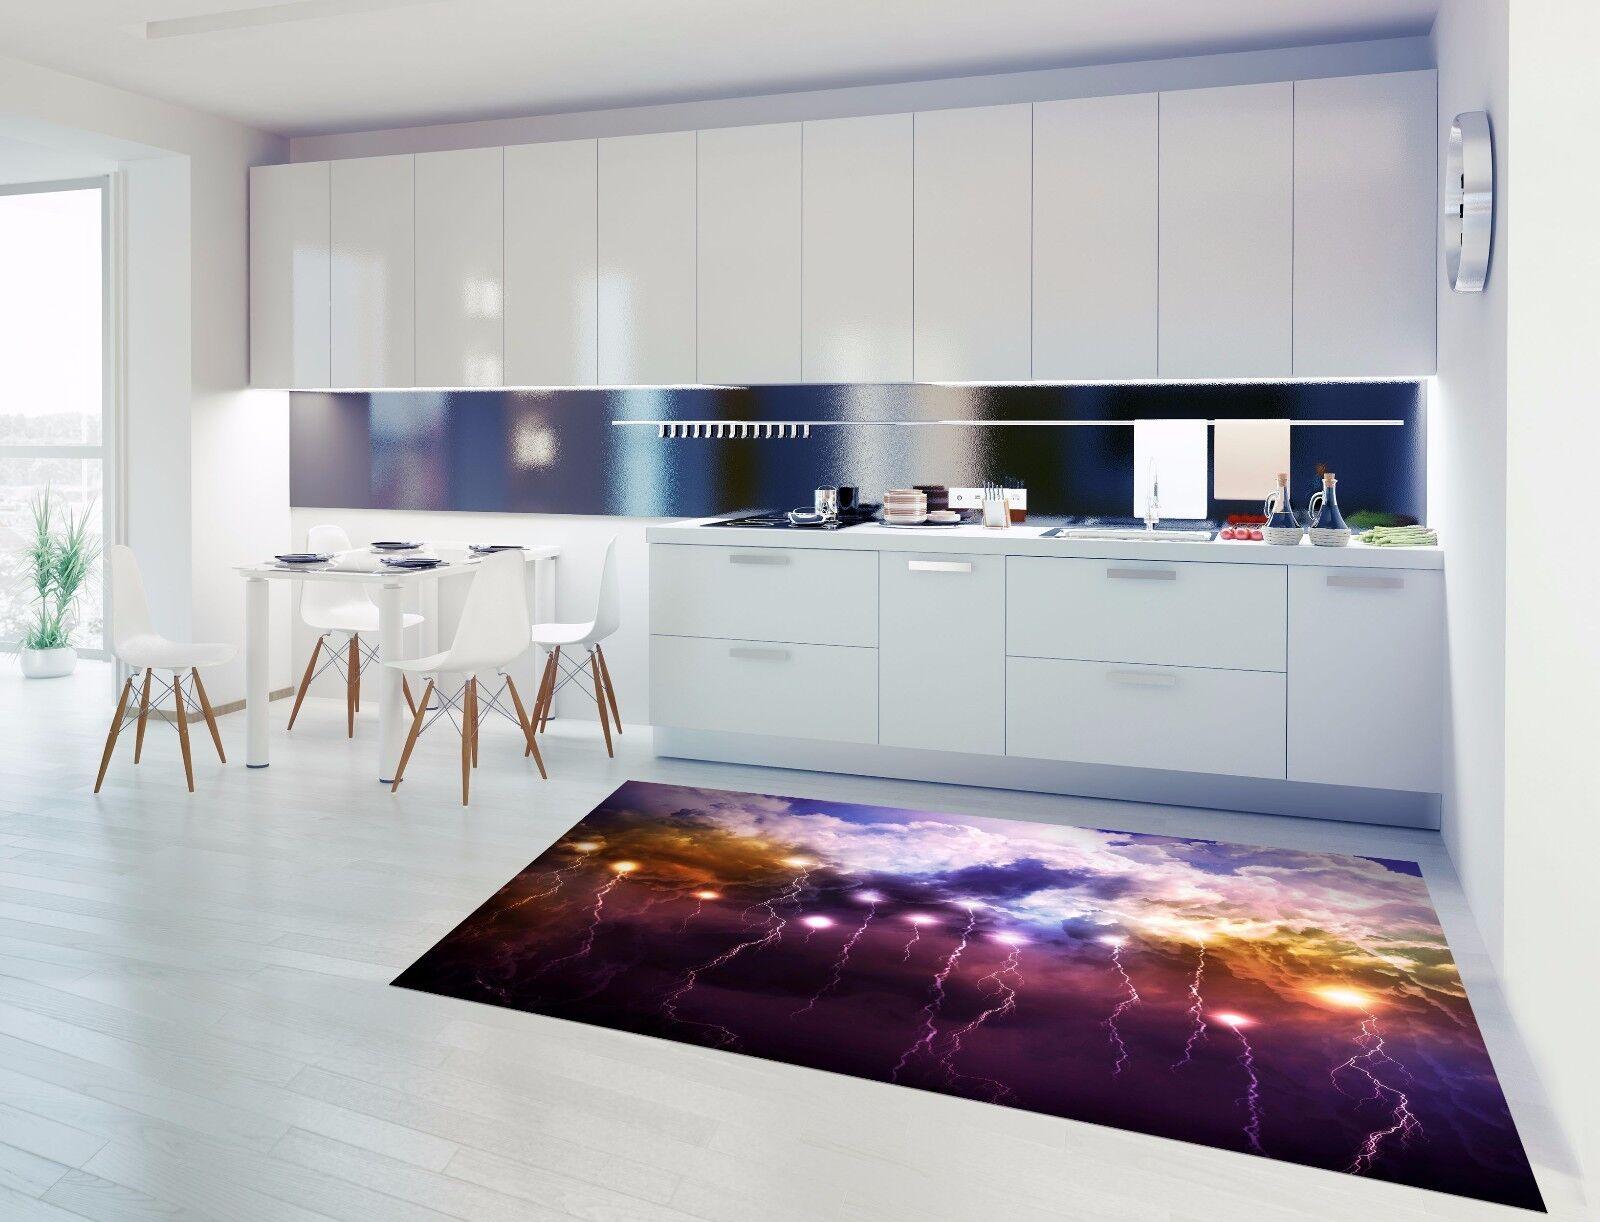 3D Flashing Sky 8 Kitchen Kitchen Kitchen Mat Floor Murals Wall Print Wall AJ WALLPAPER AU Carly a2f1ed